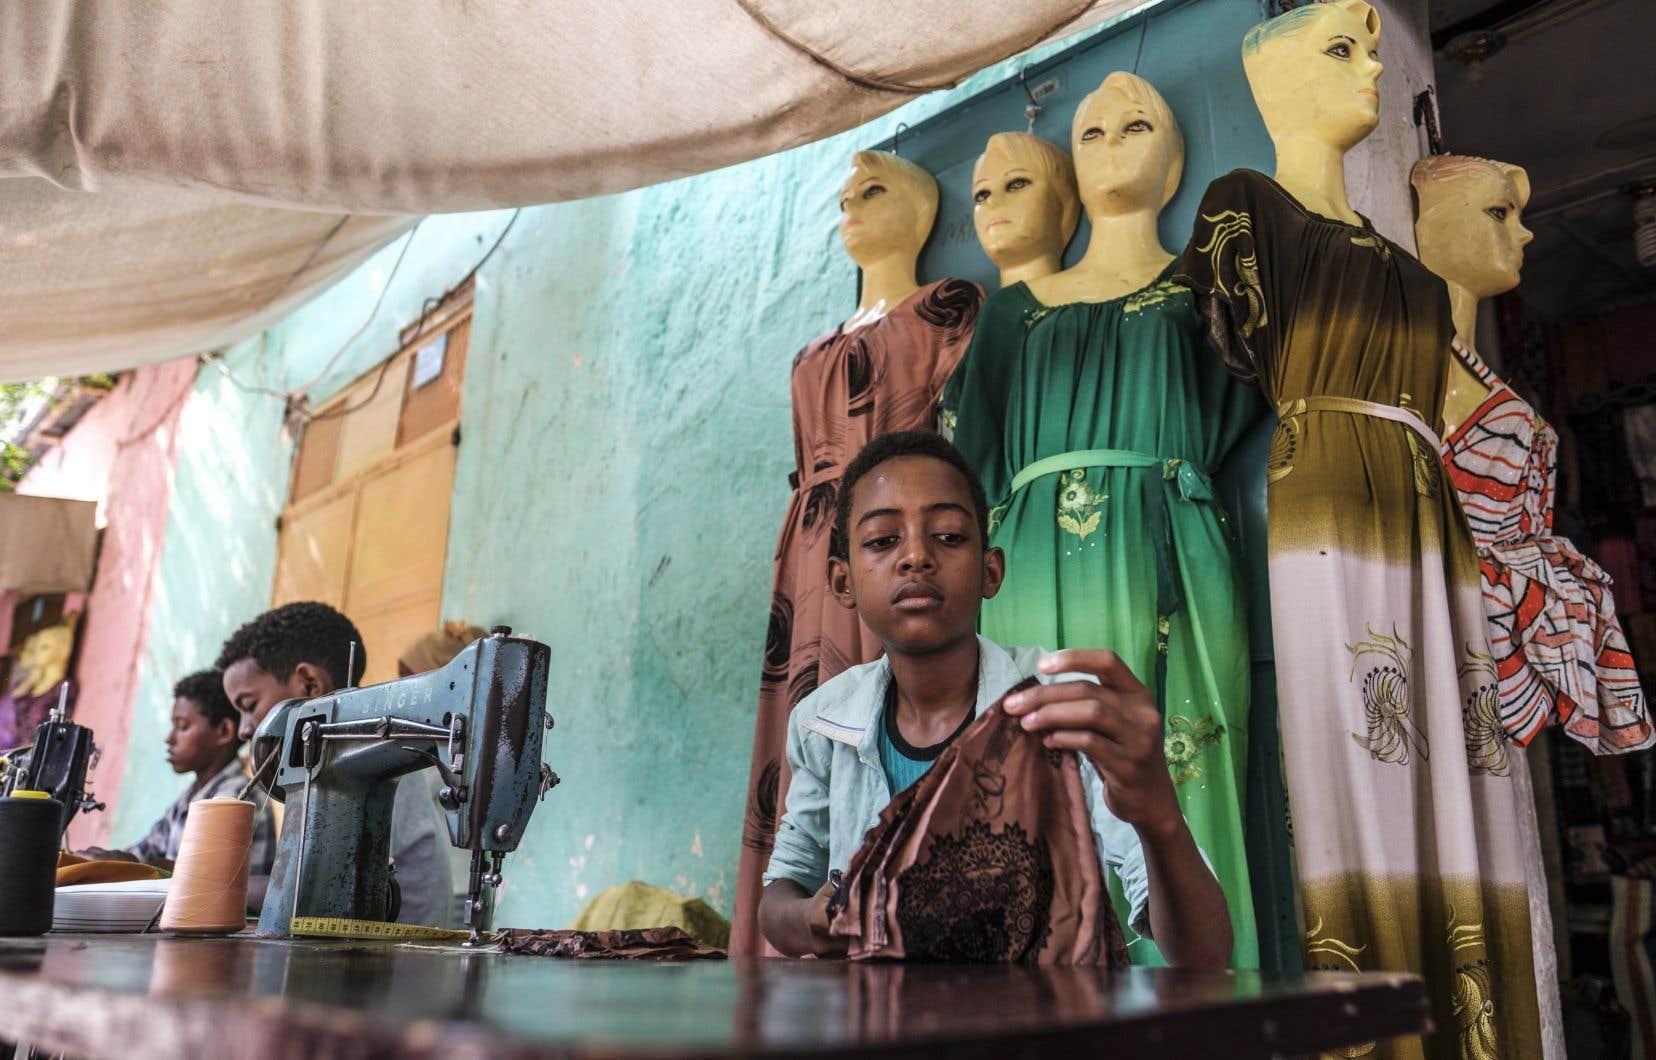 Selon le Bureau international du travail, 168 millions d'enfants travaillent dans le monde, rappelle l'auteur. Sur la photo, de jeunes garçons travaillant comme tailleurs dans une boutique du marché de Humera, en Éthiopie.